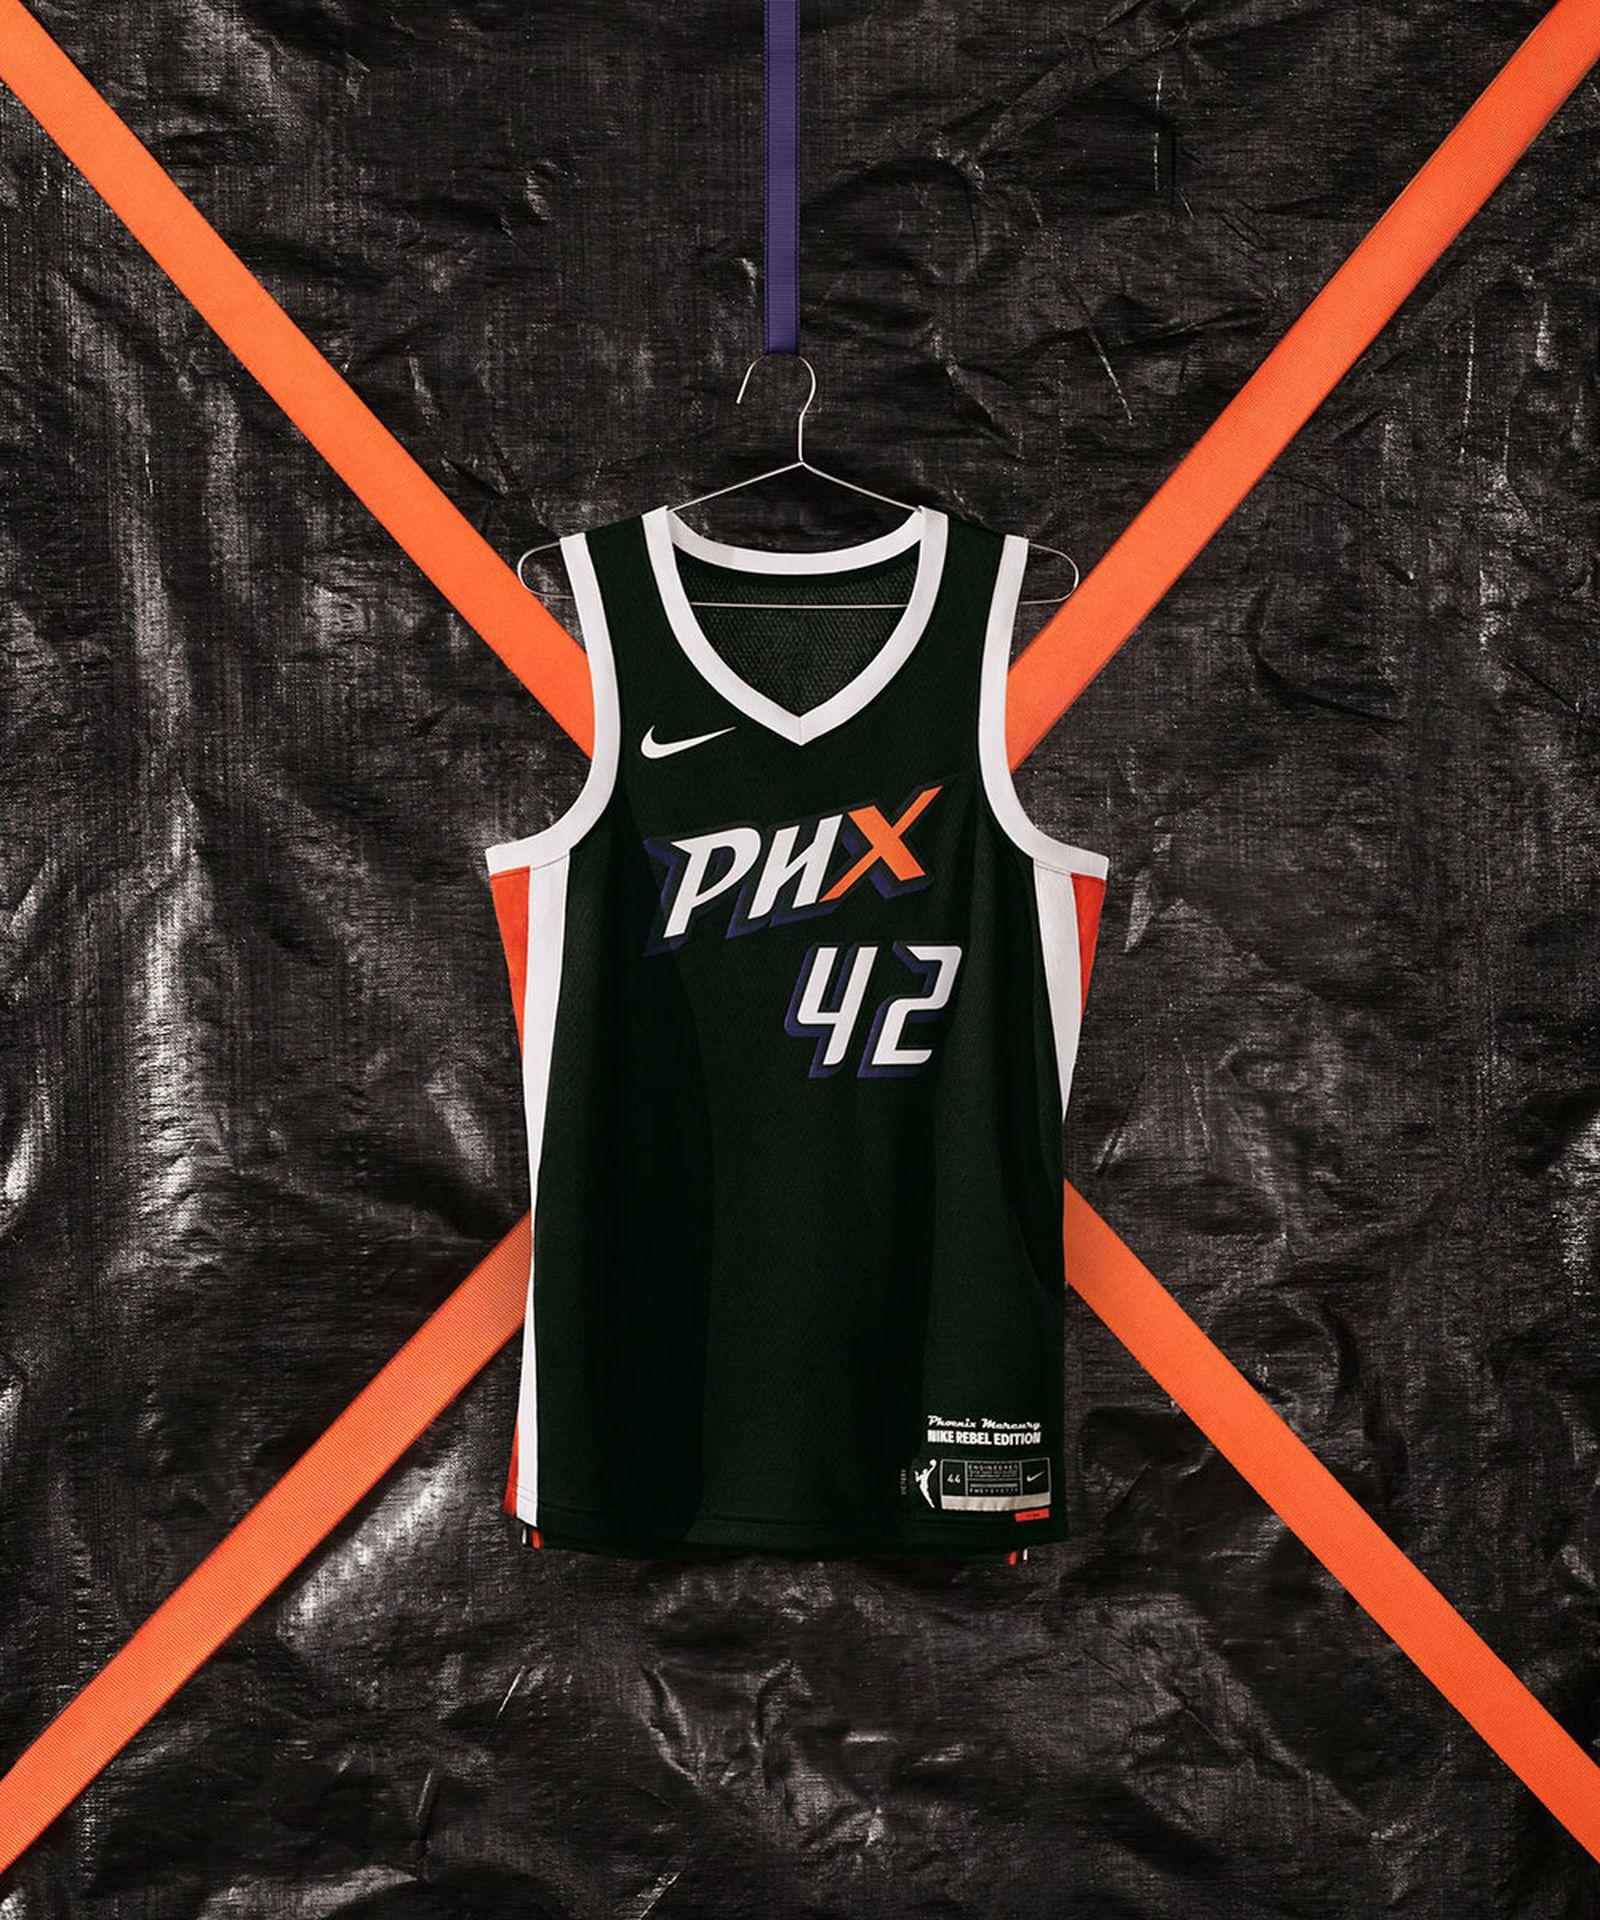 nike-wnba-2021-uniforms-25